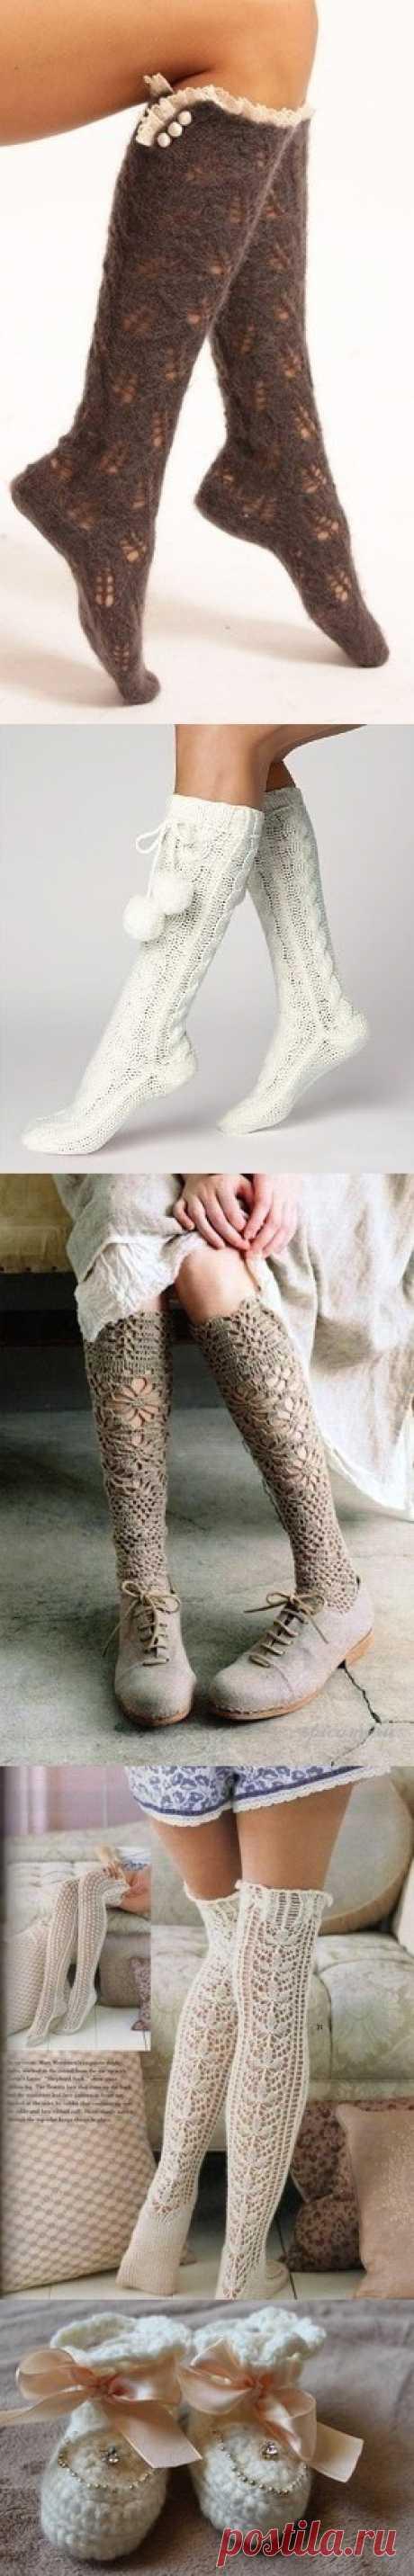 ¿Quien ha dicho que los calcetines tejidos no pueden ser hermosos?